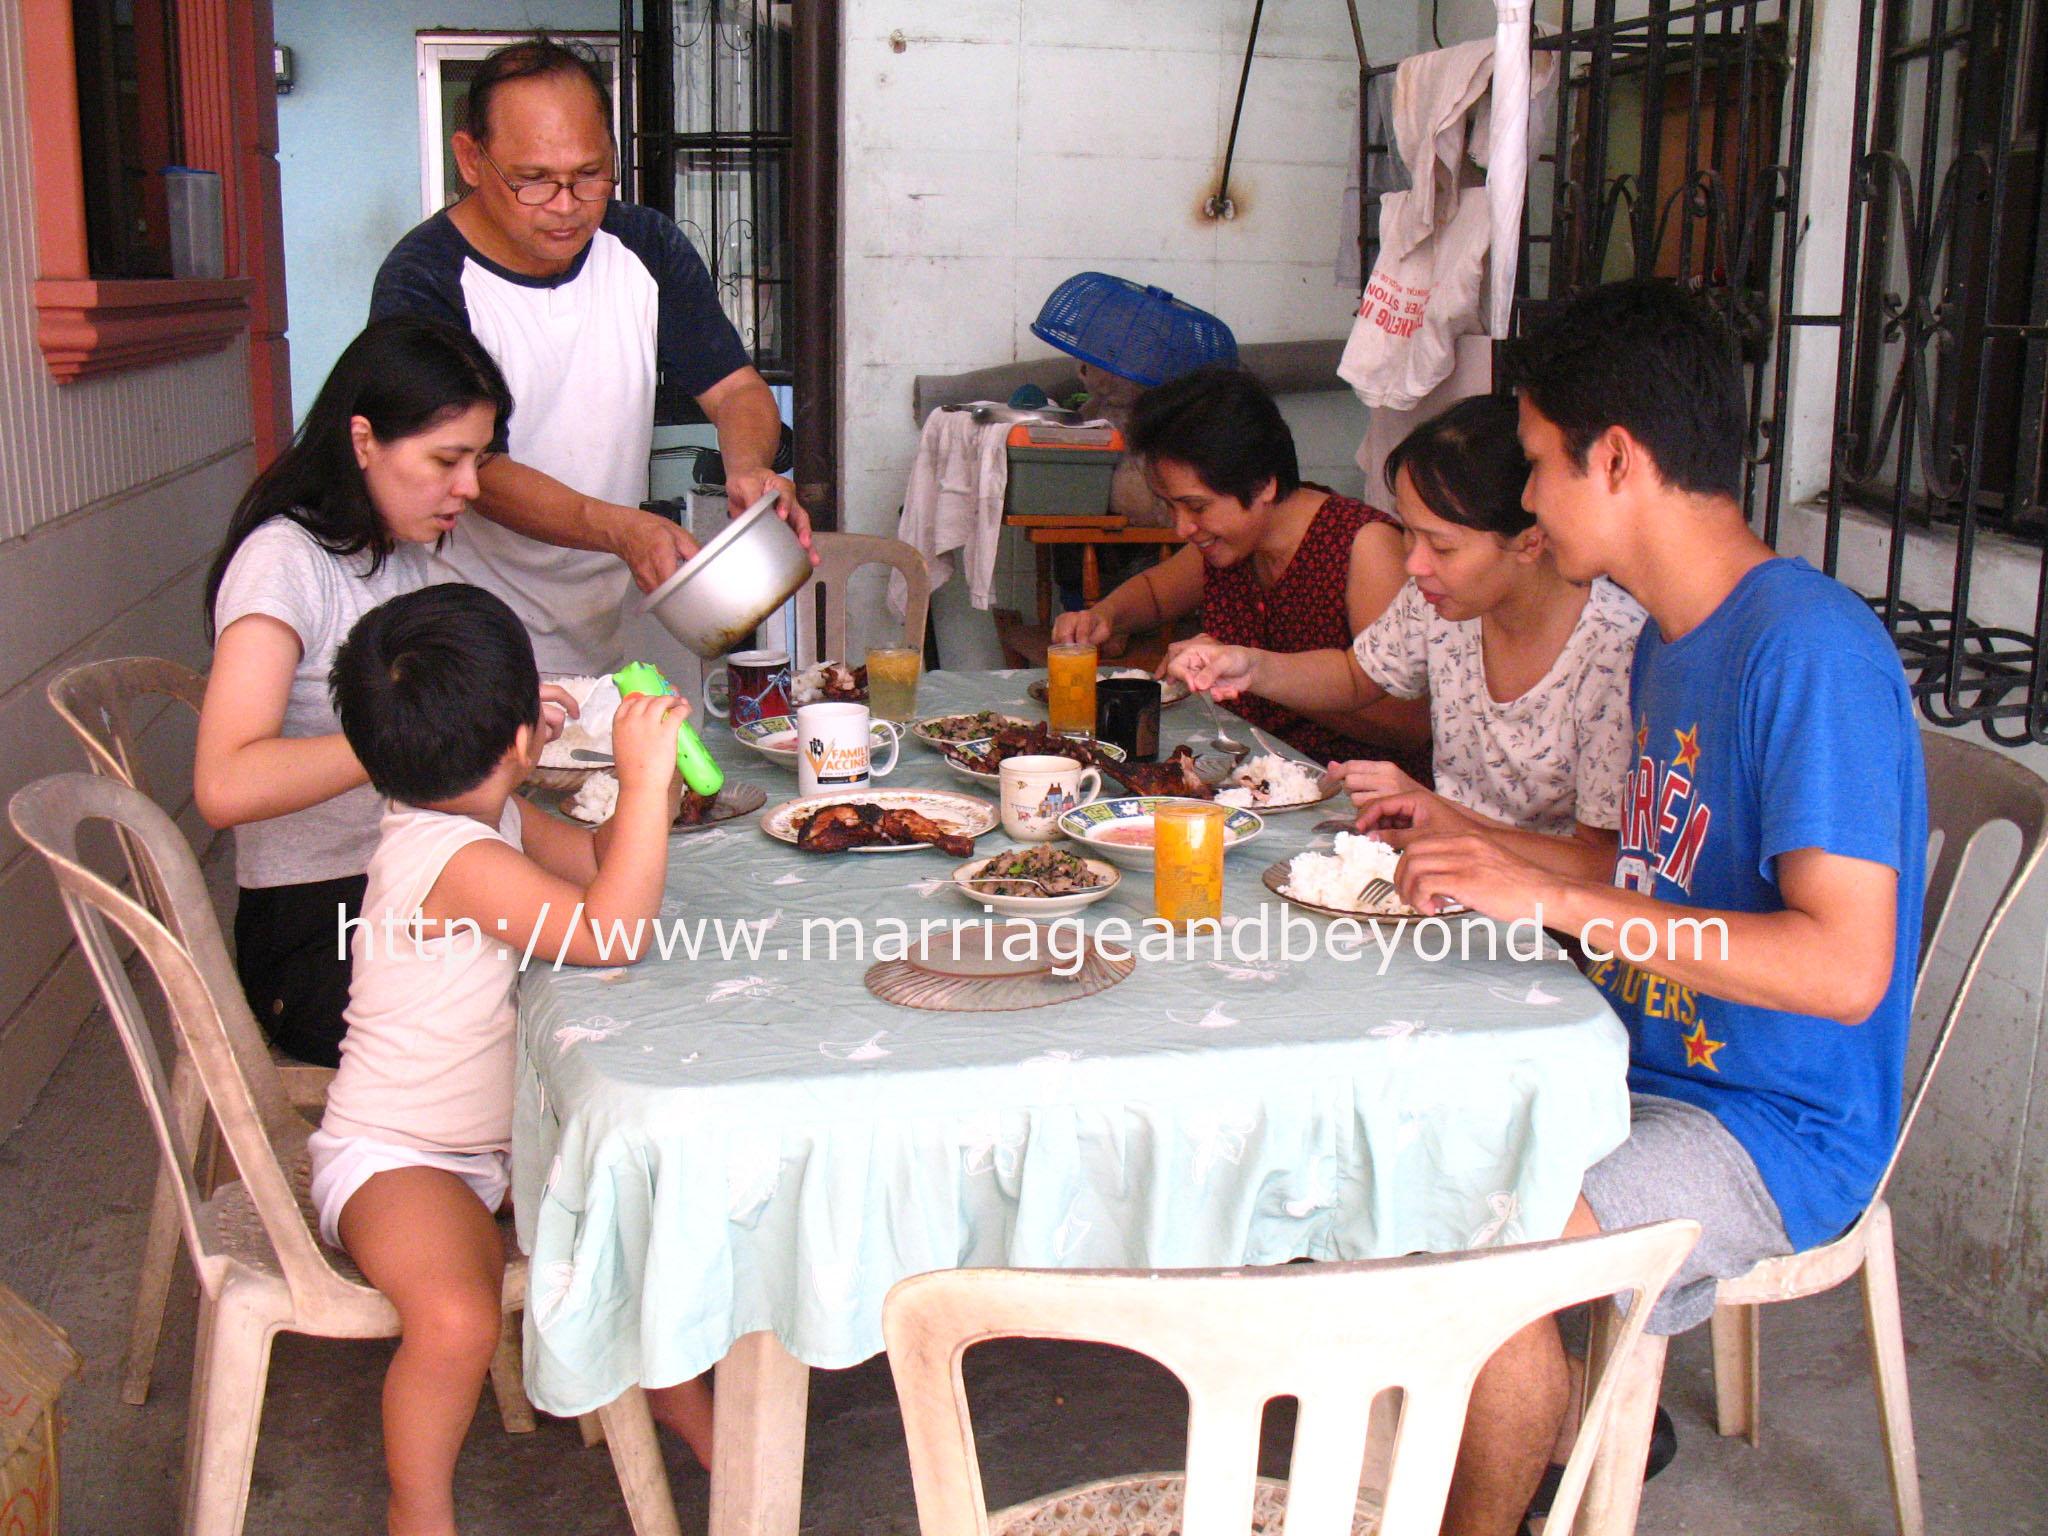 family-weekend-snapshot.jpg